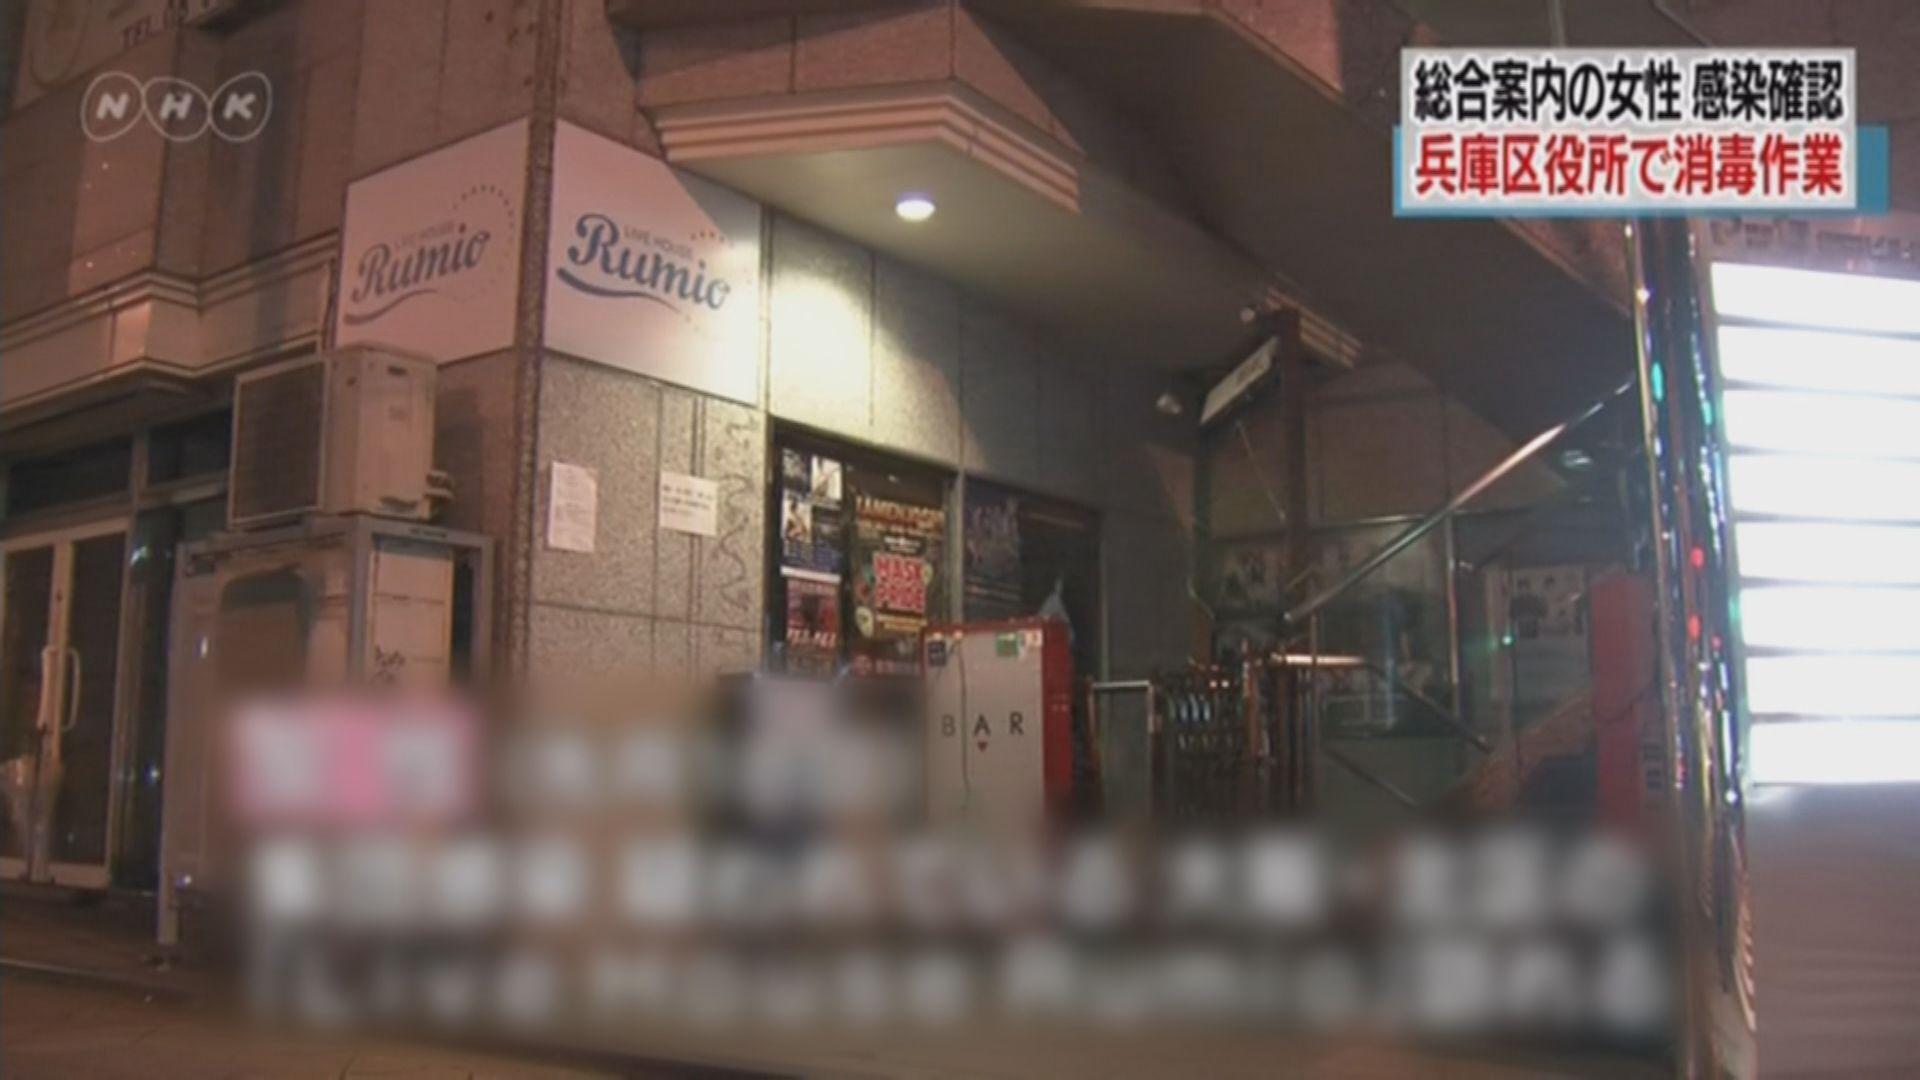 日本新增三宗確診 涉表演場館群聚感染